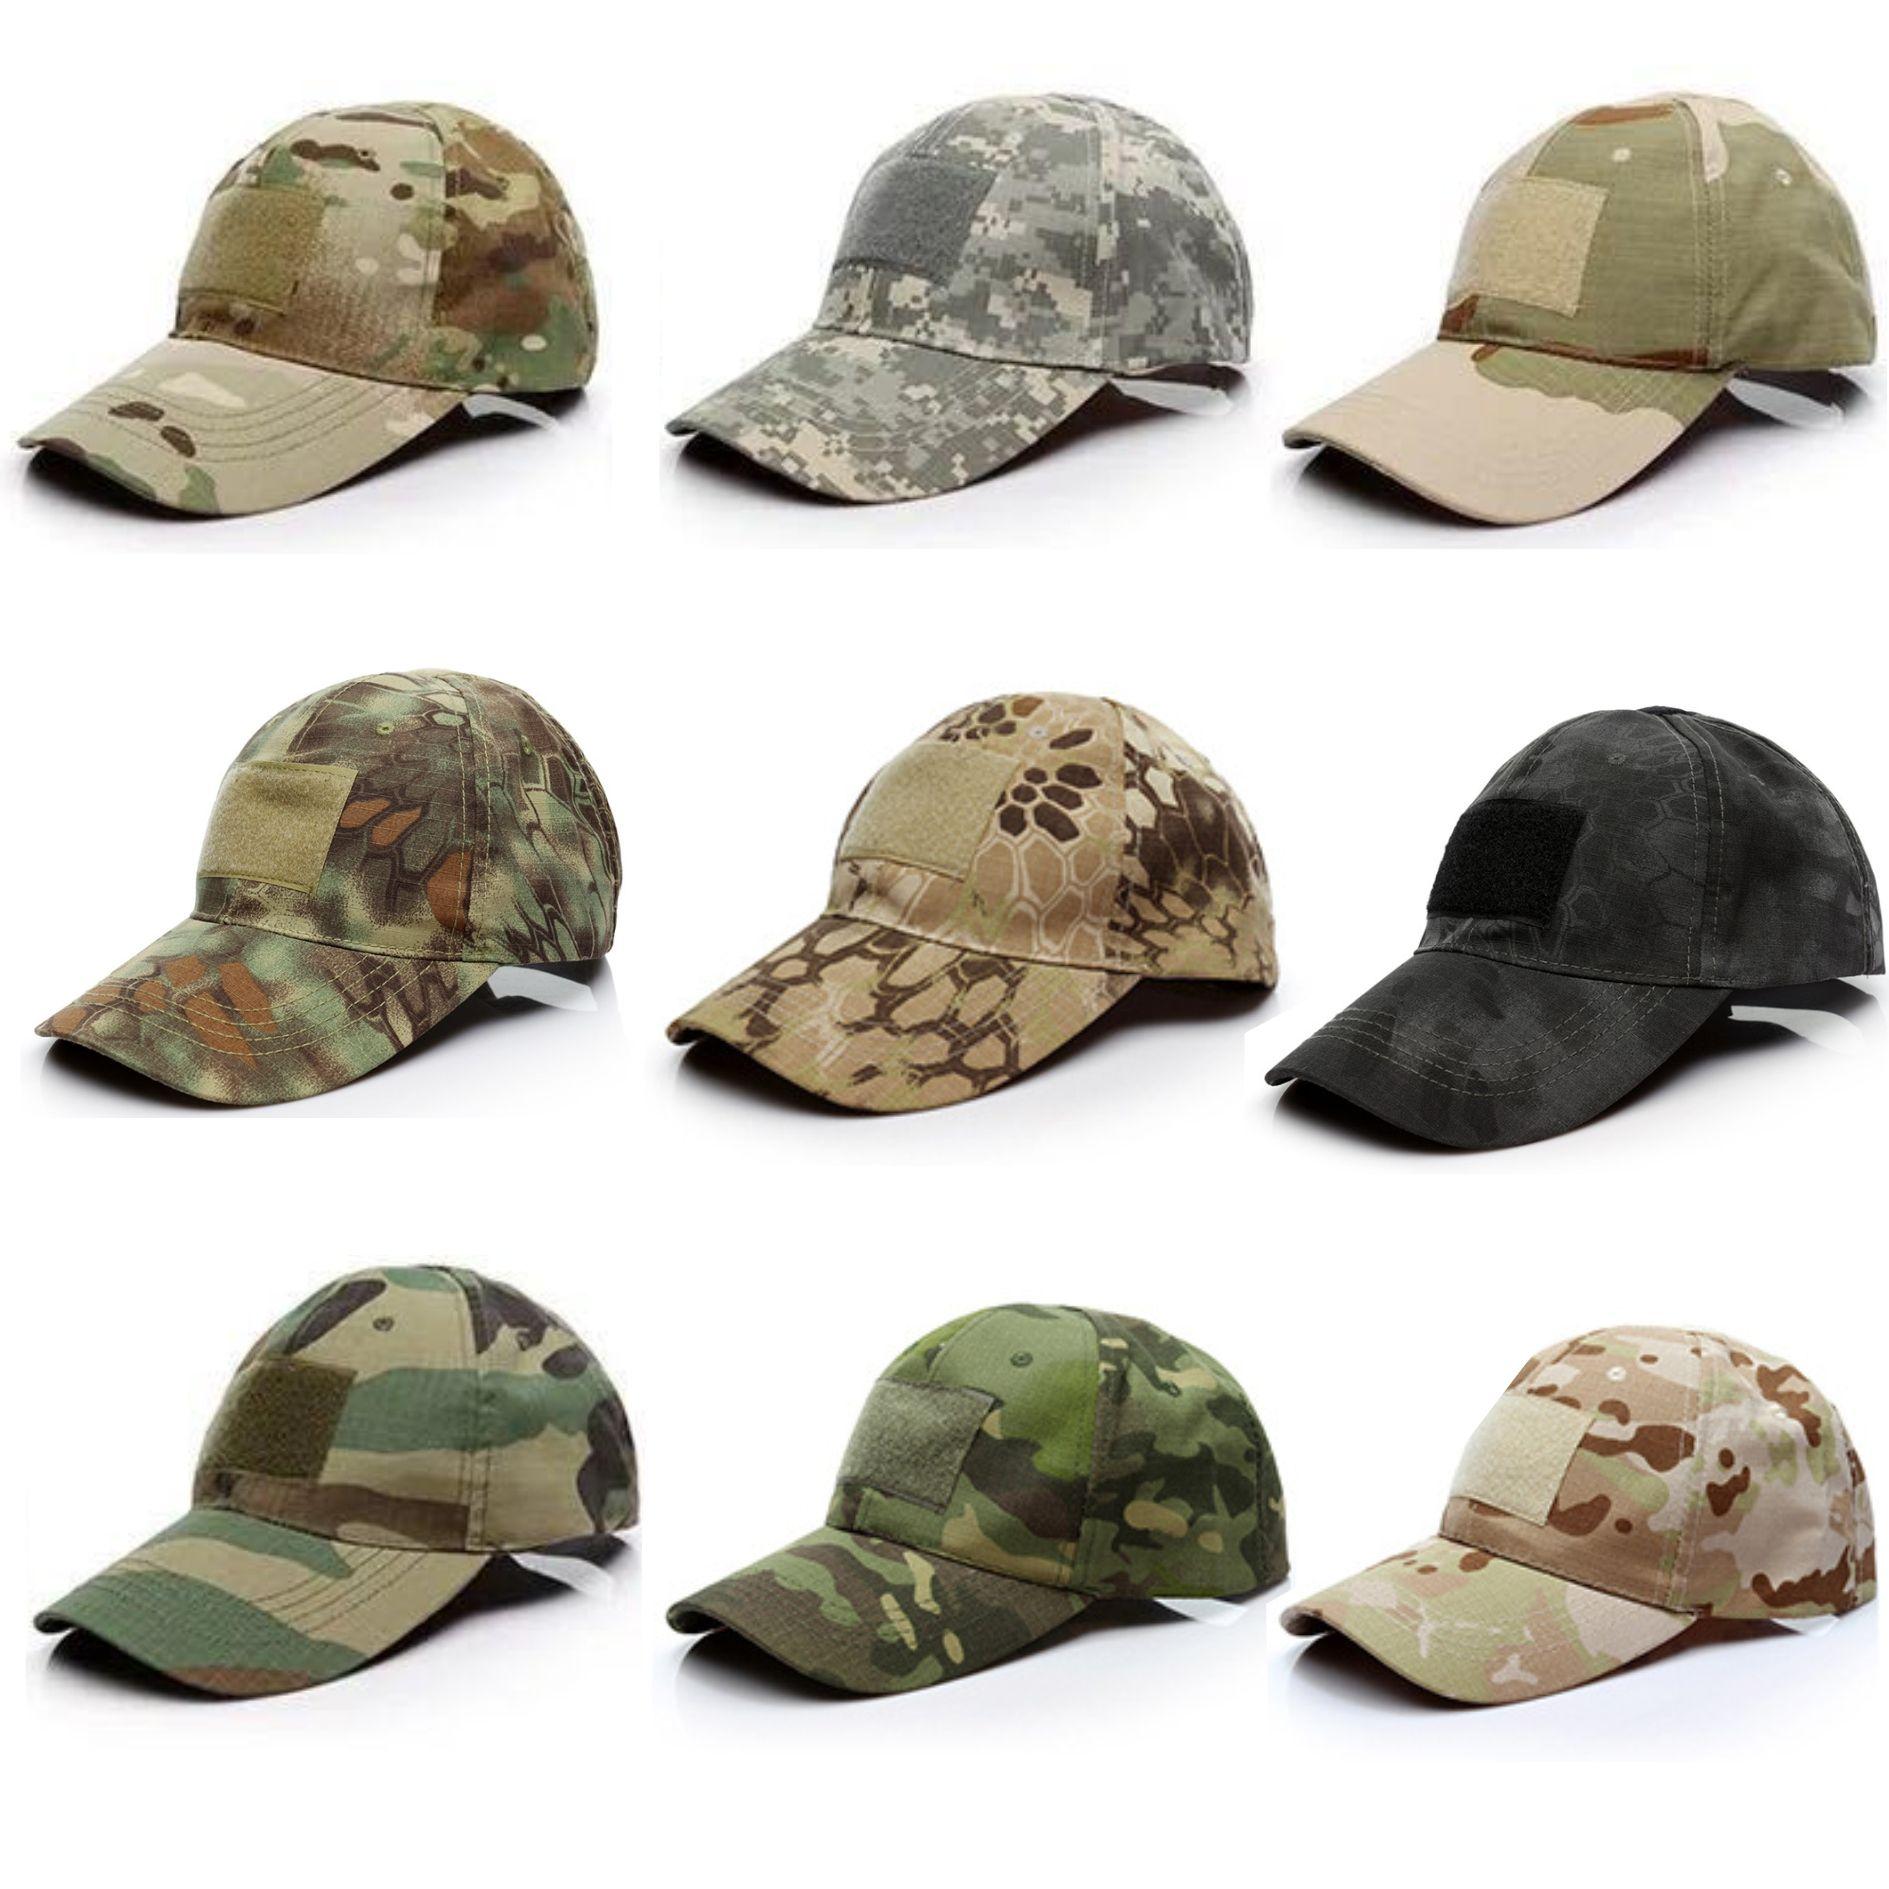 casquette de baseball de camouflage chasse de haute qualité de la formation extérieure tactique sunhat Diverses couleurs de camouflage Donner Velcro Drapeau.